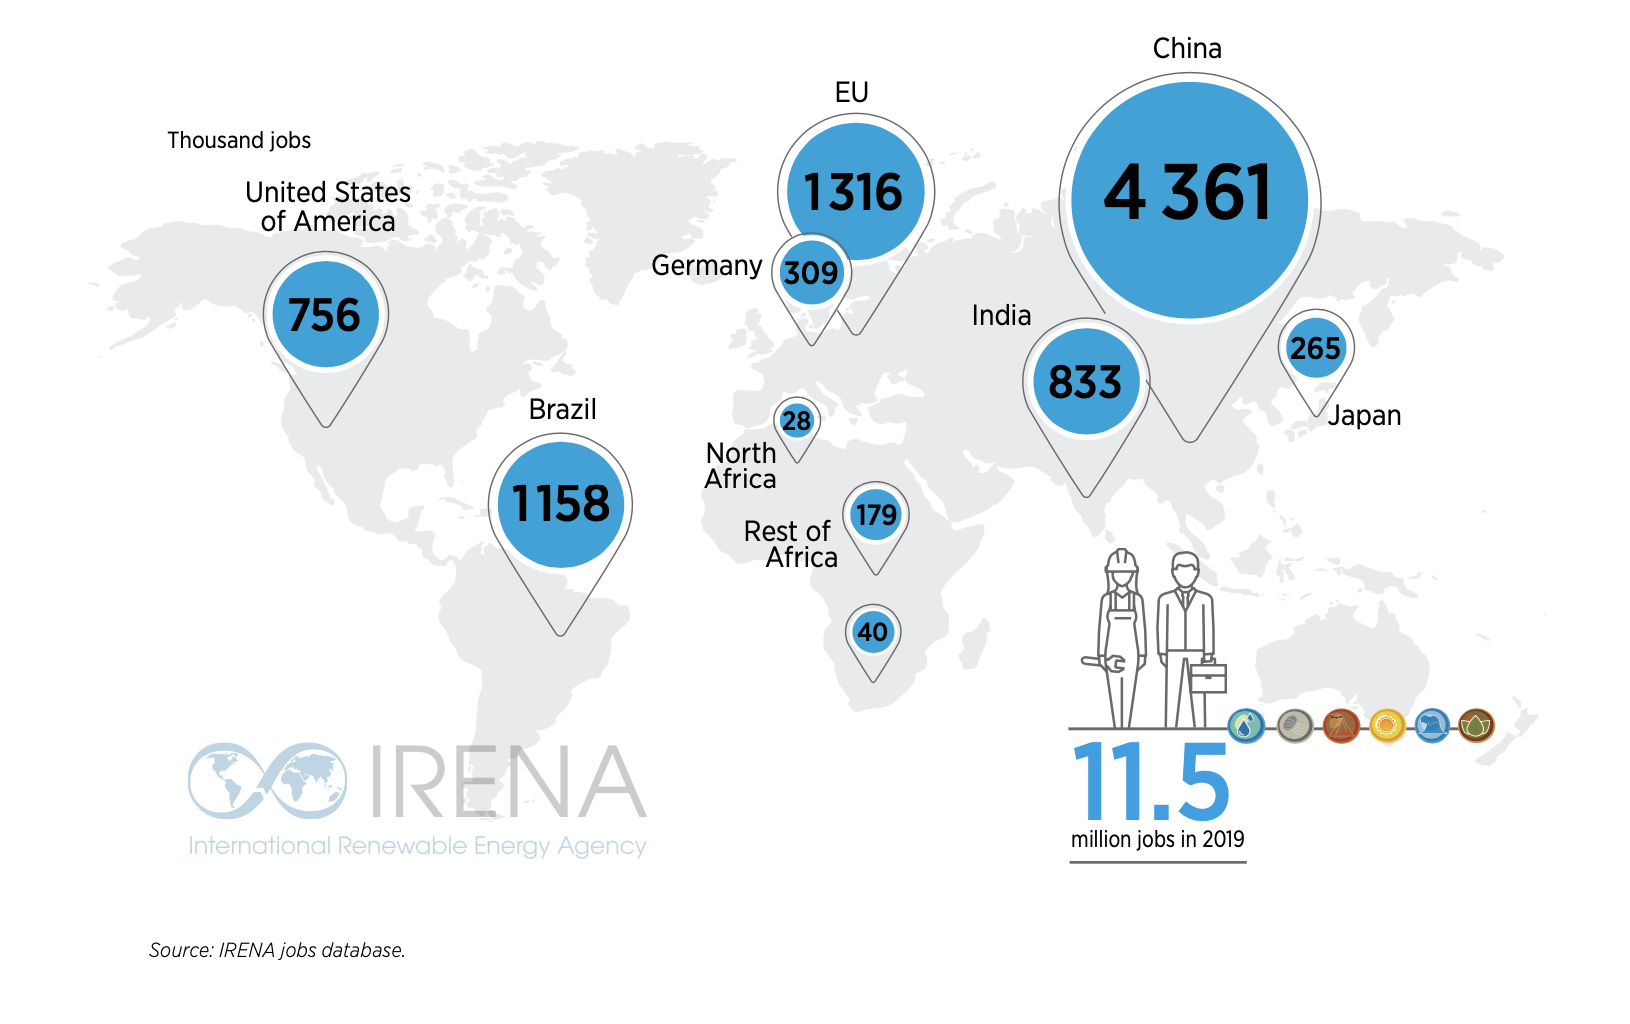 Emplois créés par les énergies renouvelables selon les pays